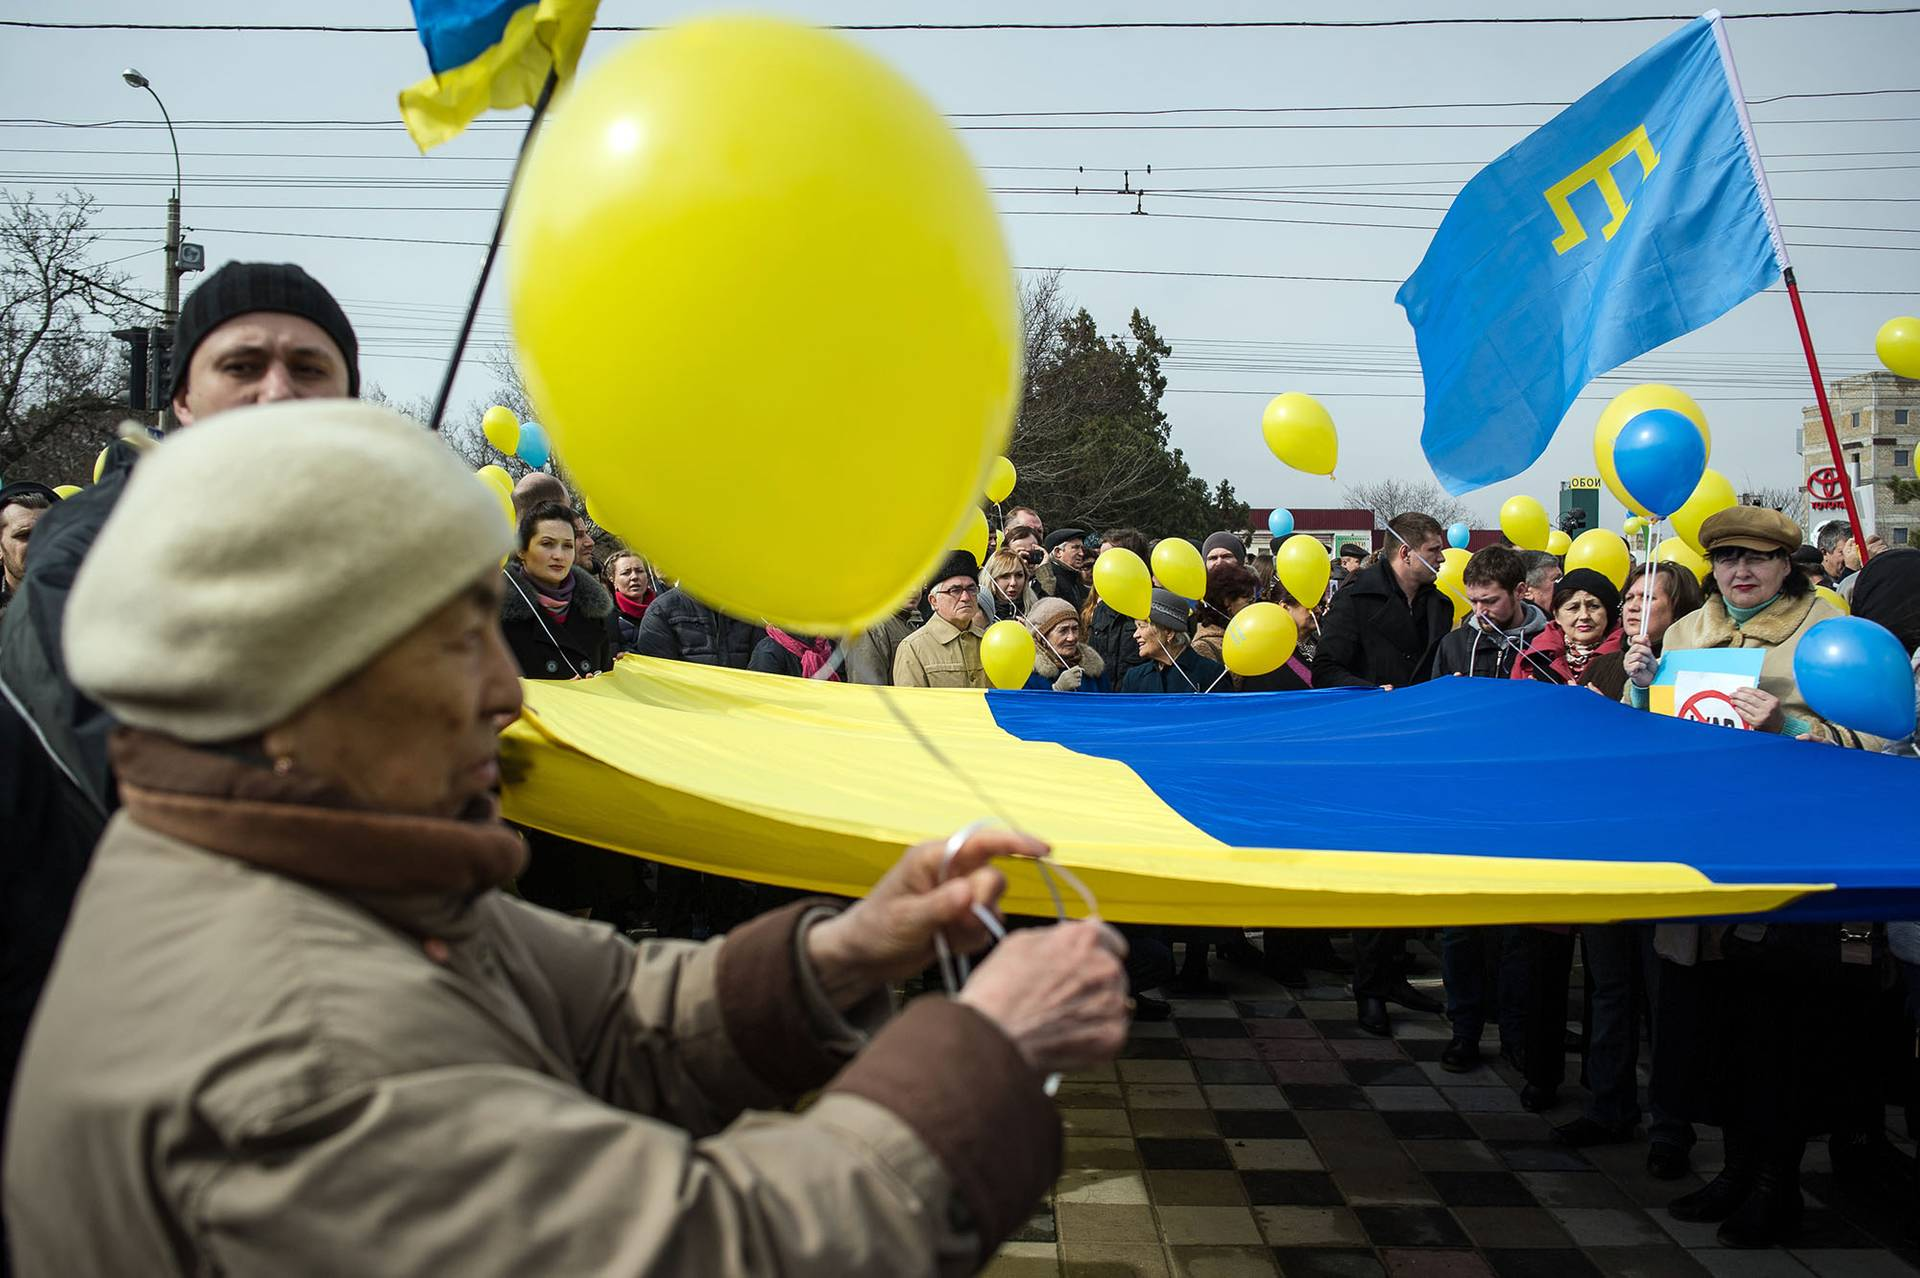 Проукраїнський великий мітинг в Сімферополі біля пам'ятника Тарасу Шевченку в день народження поета, Крим, 9 березня 2014 року